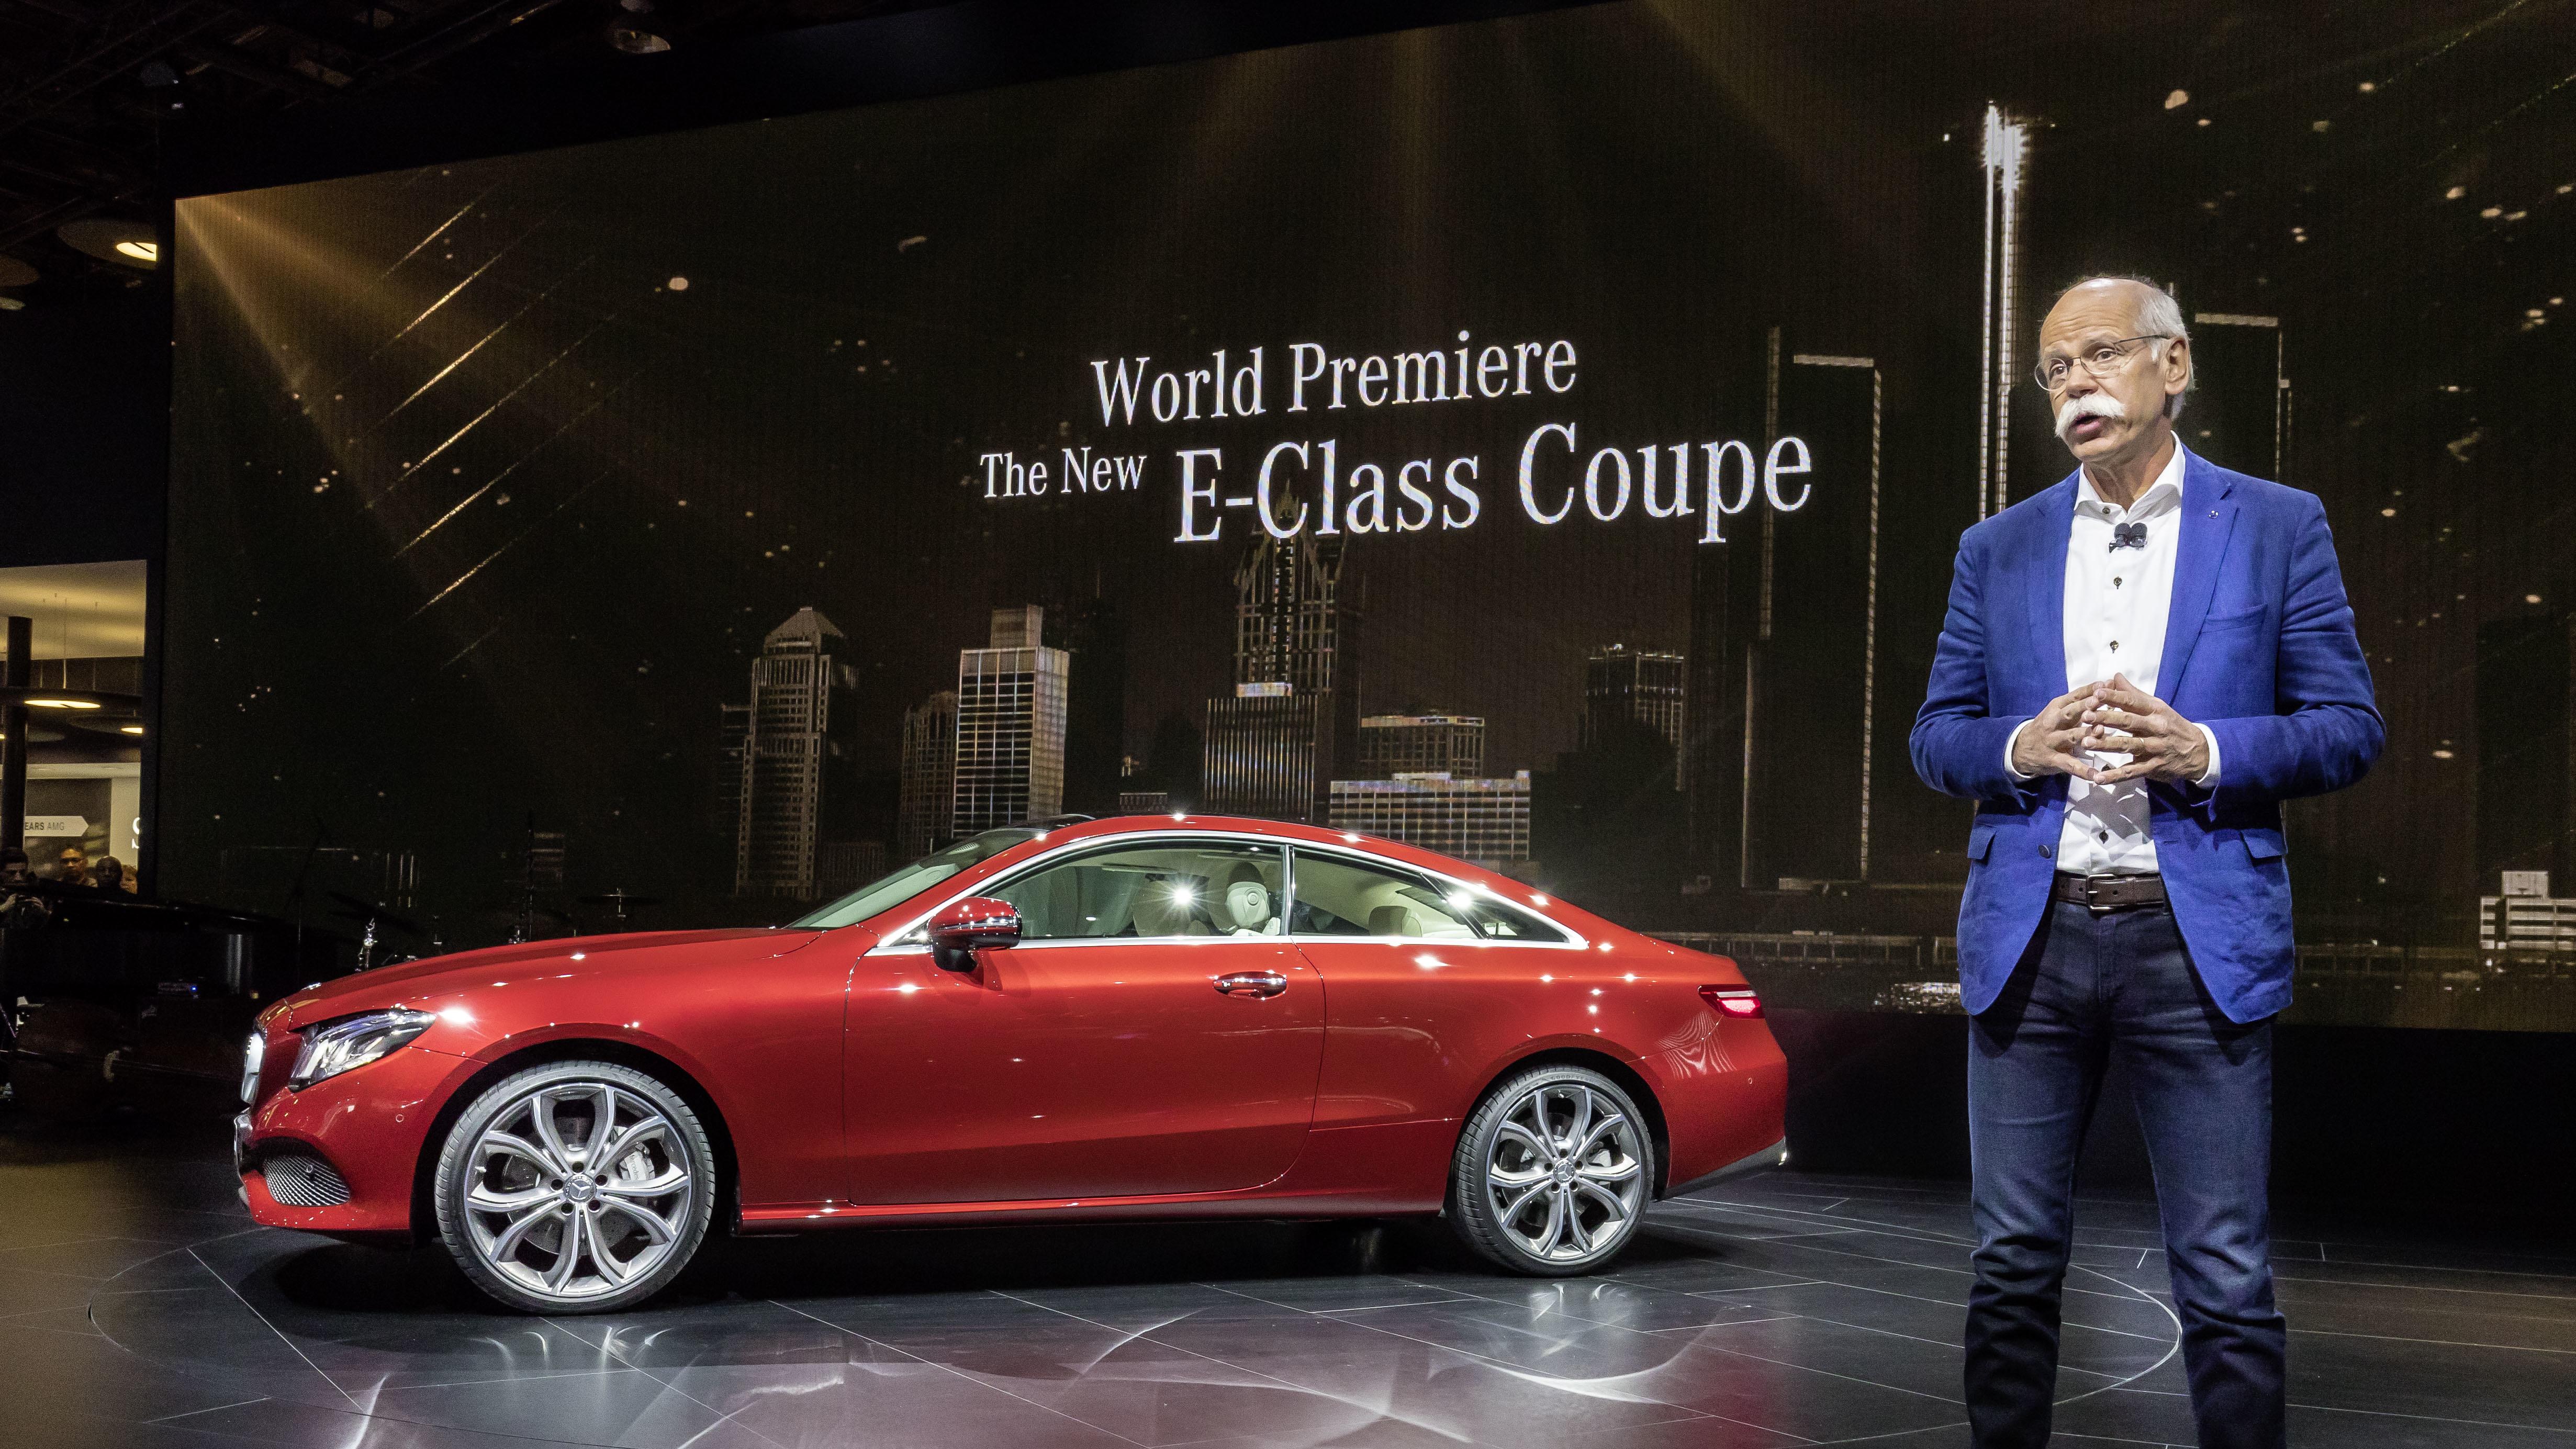 Dr. Dieter Zetsche, Vorstandsvorsitzender der Daimler AG und Leiter Mercedes-Benz Cars auf der Mercedes-Benz Pressekonferenz in Detroit mit dem neuen E-Klasse Coupe.